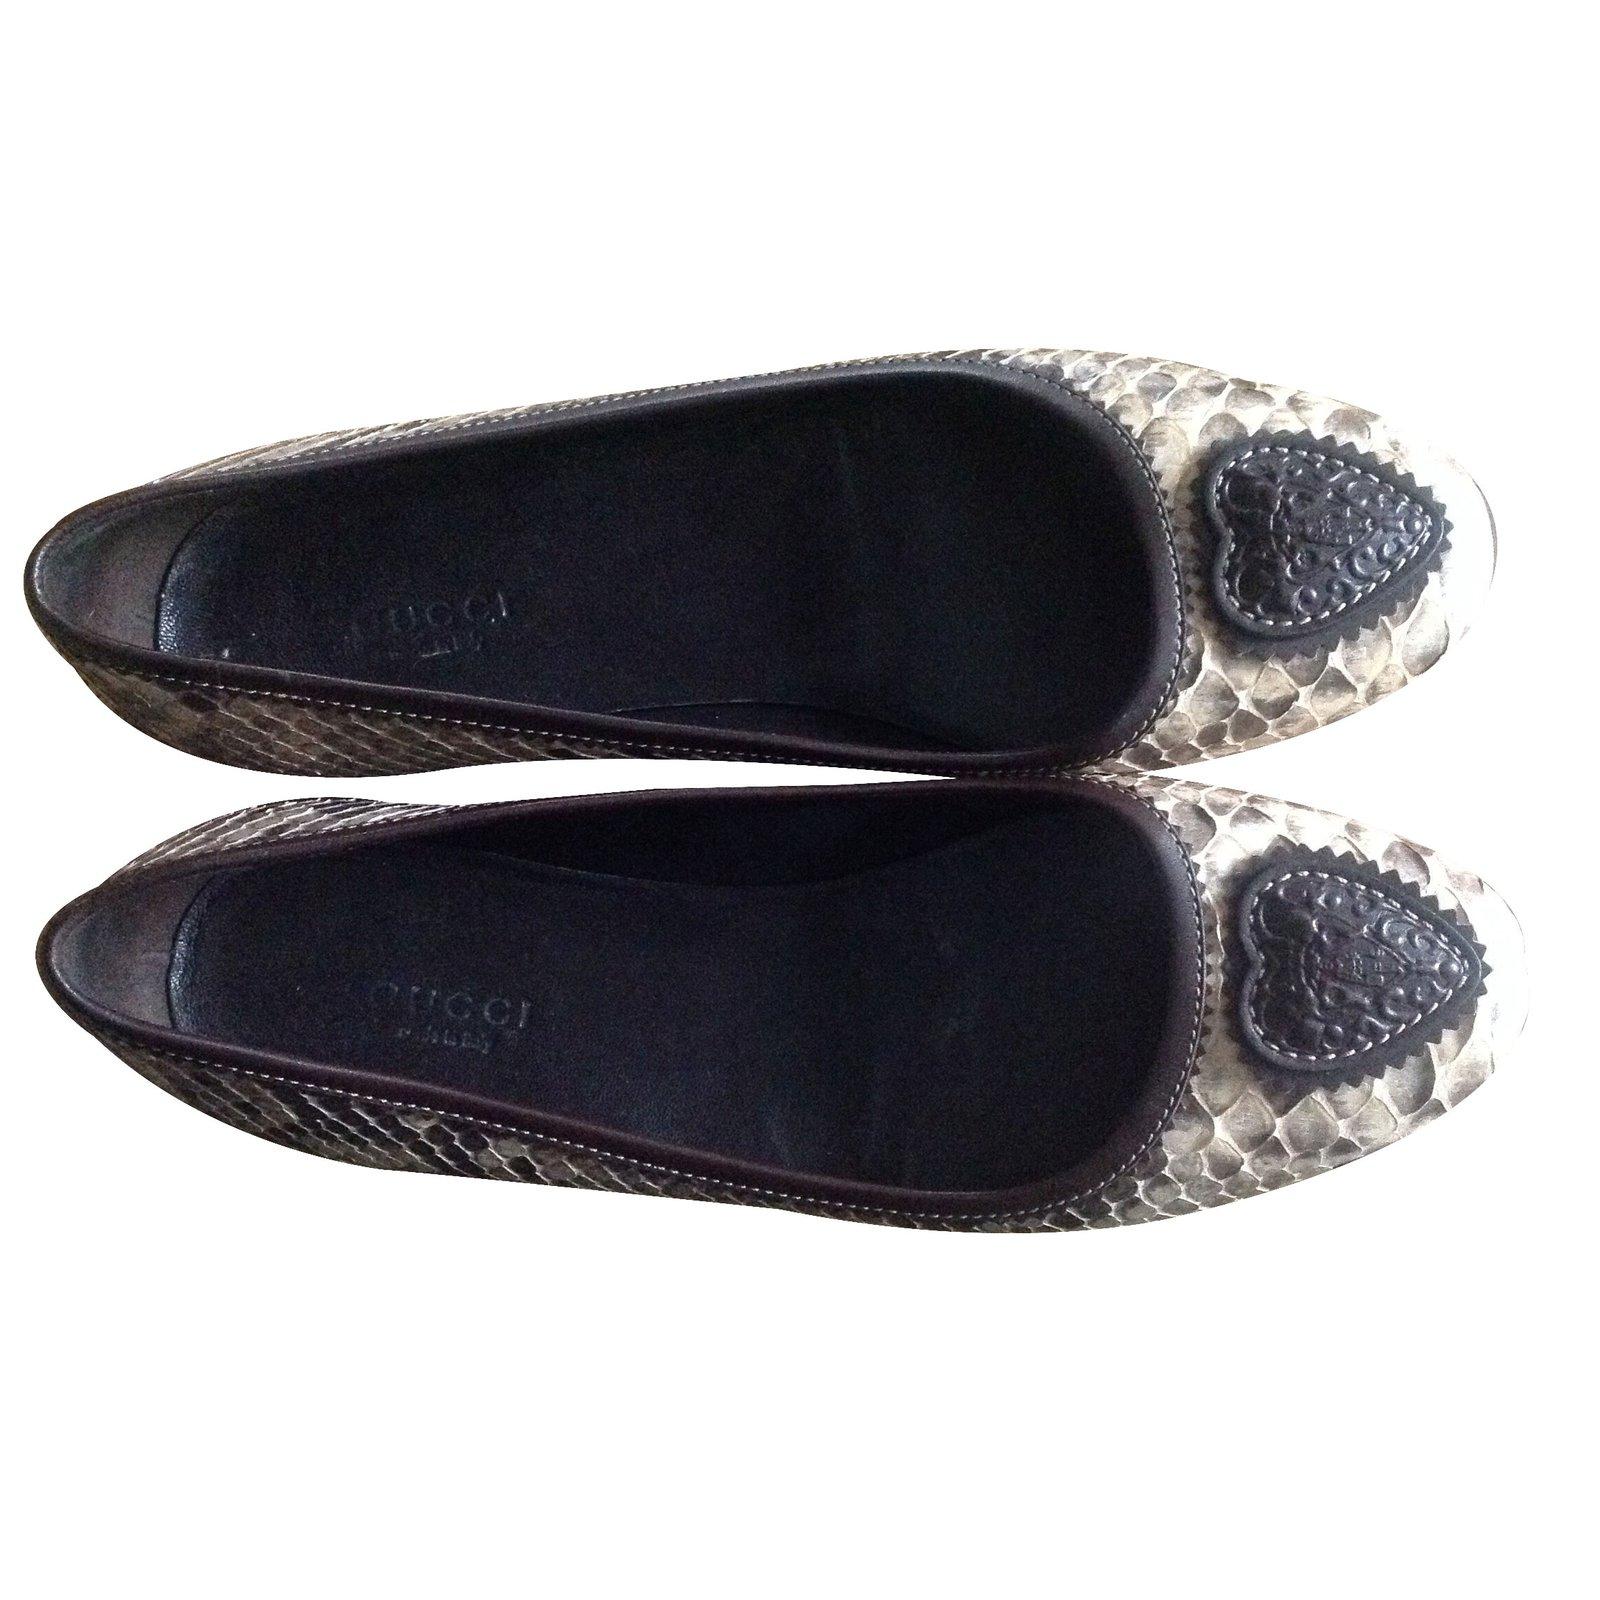 95a34c6d8a6e Gucci Ballet flats Ballet flats Exotic leather Beige ref.18853 - Joli Closet